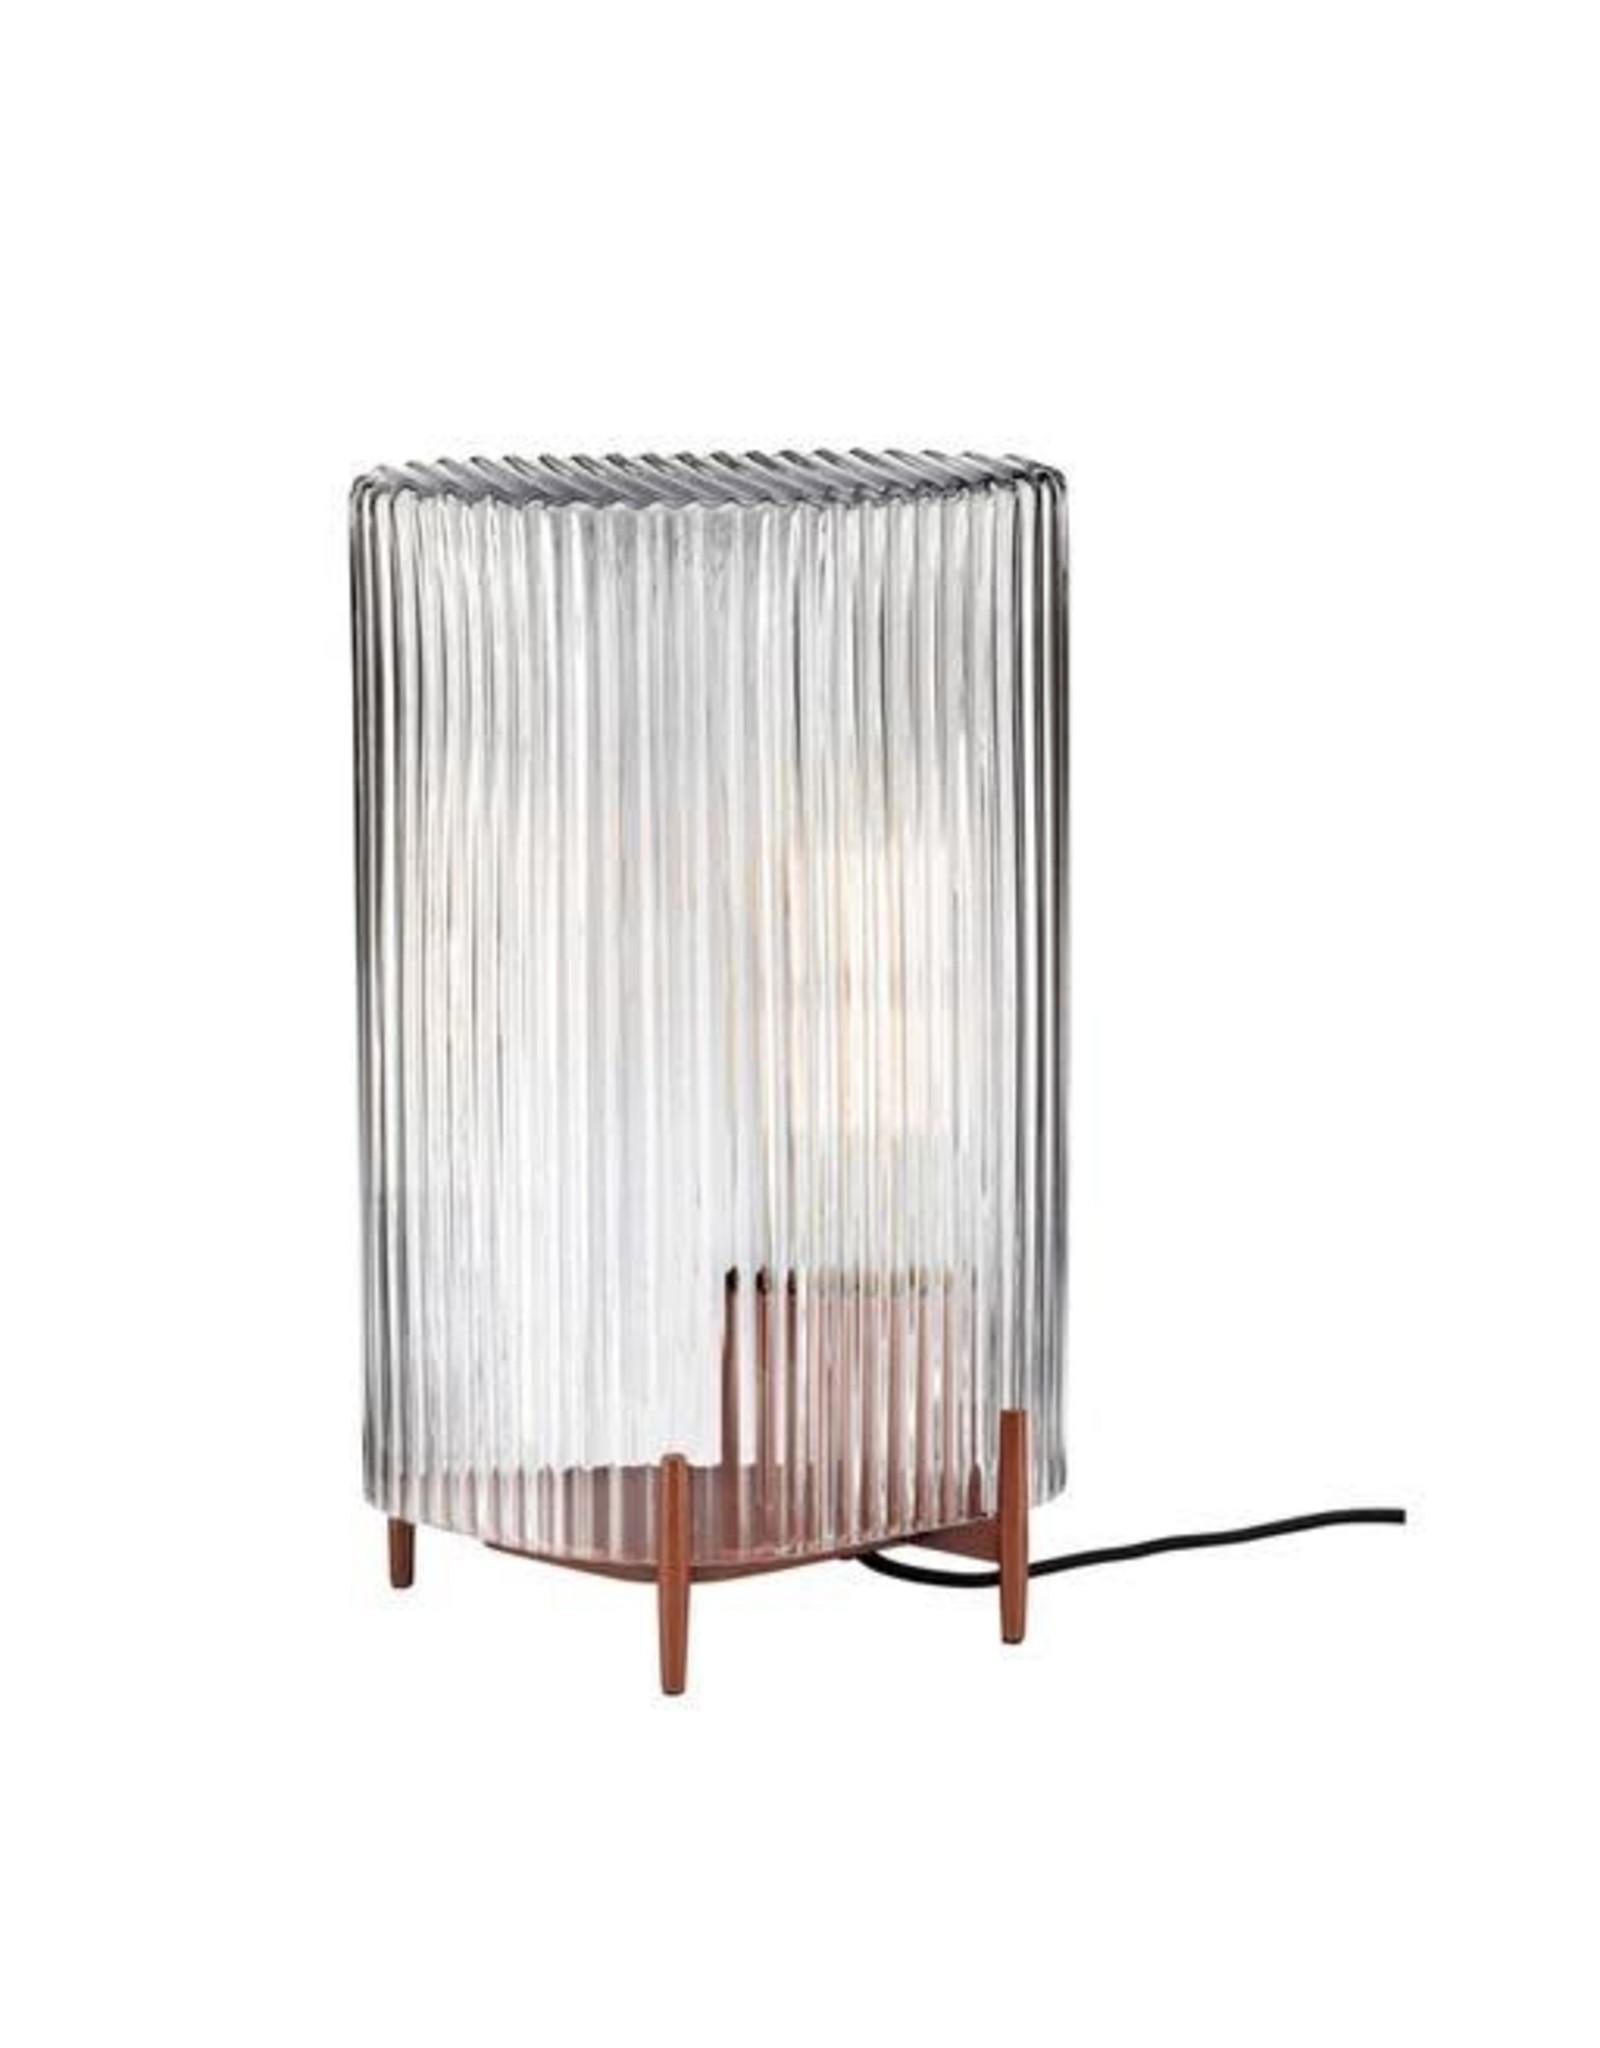 IITTALA PUTKI LAMP